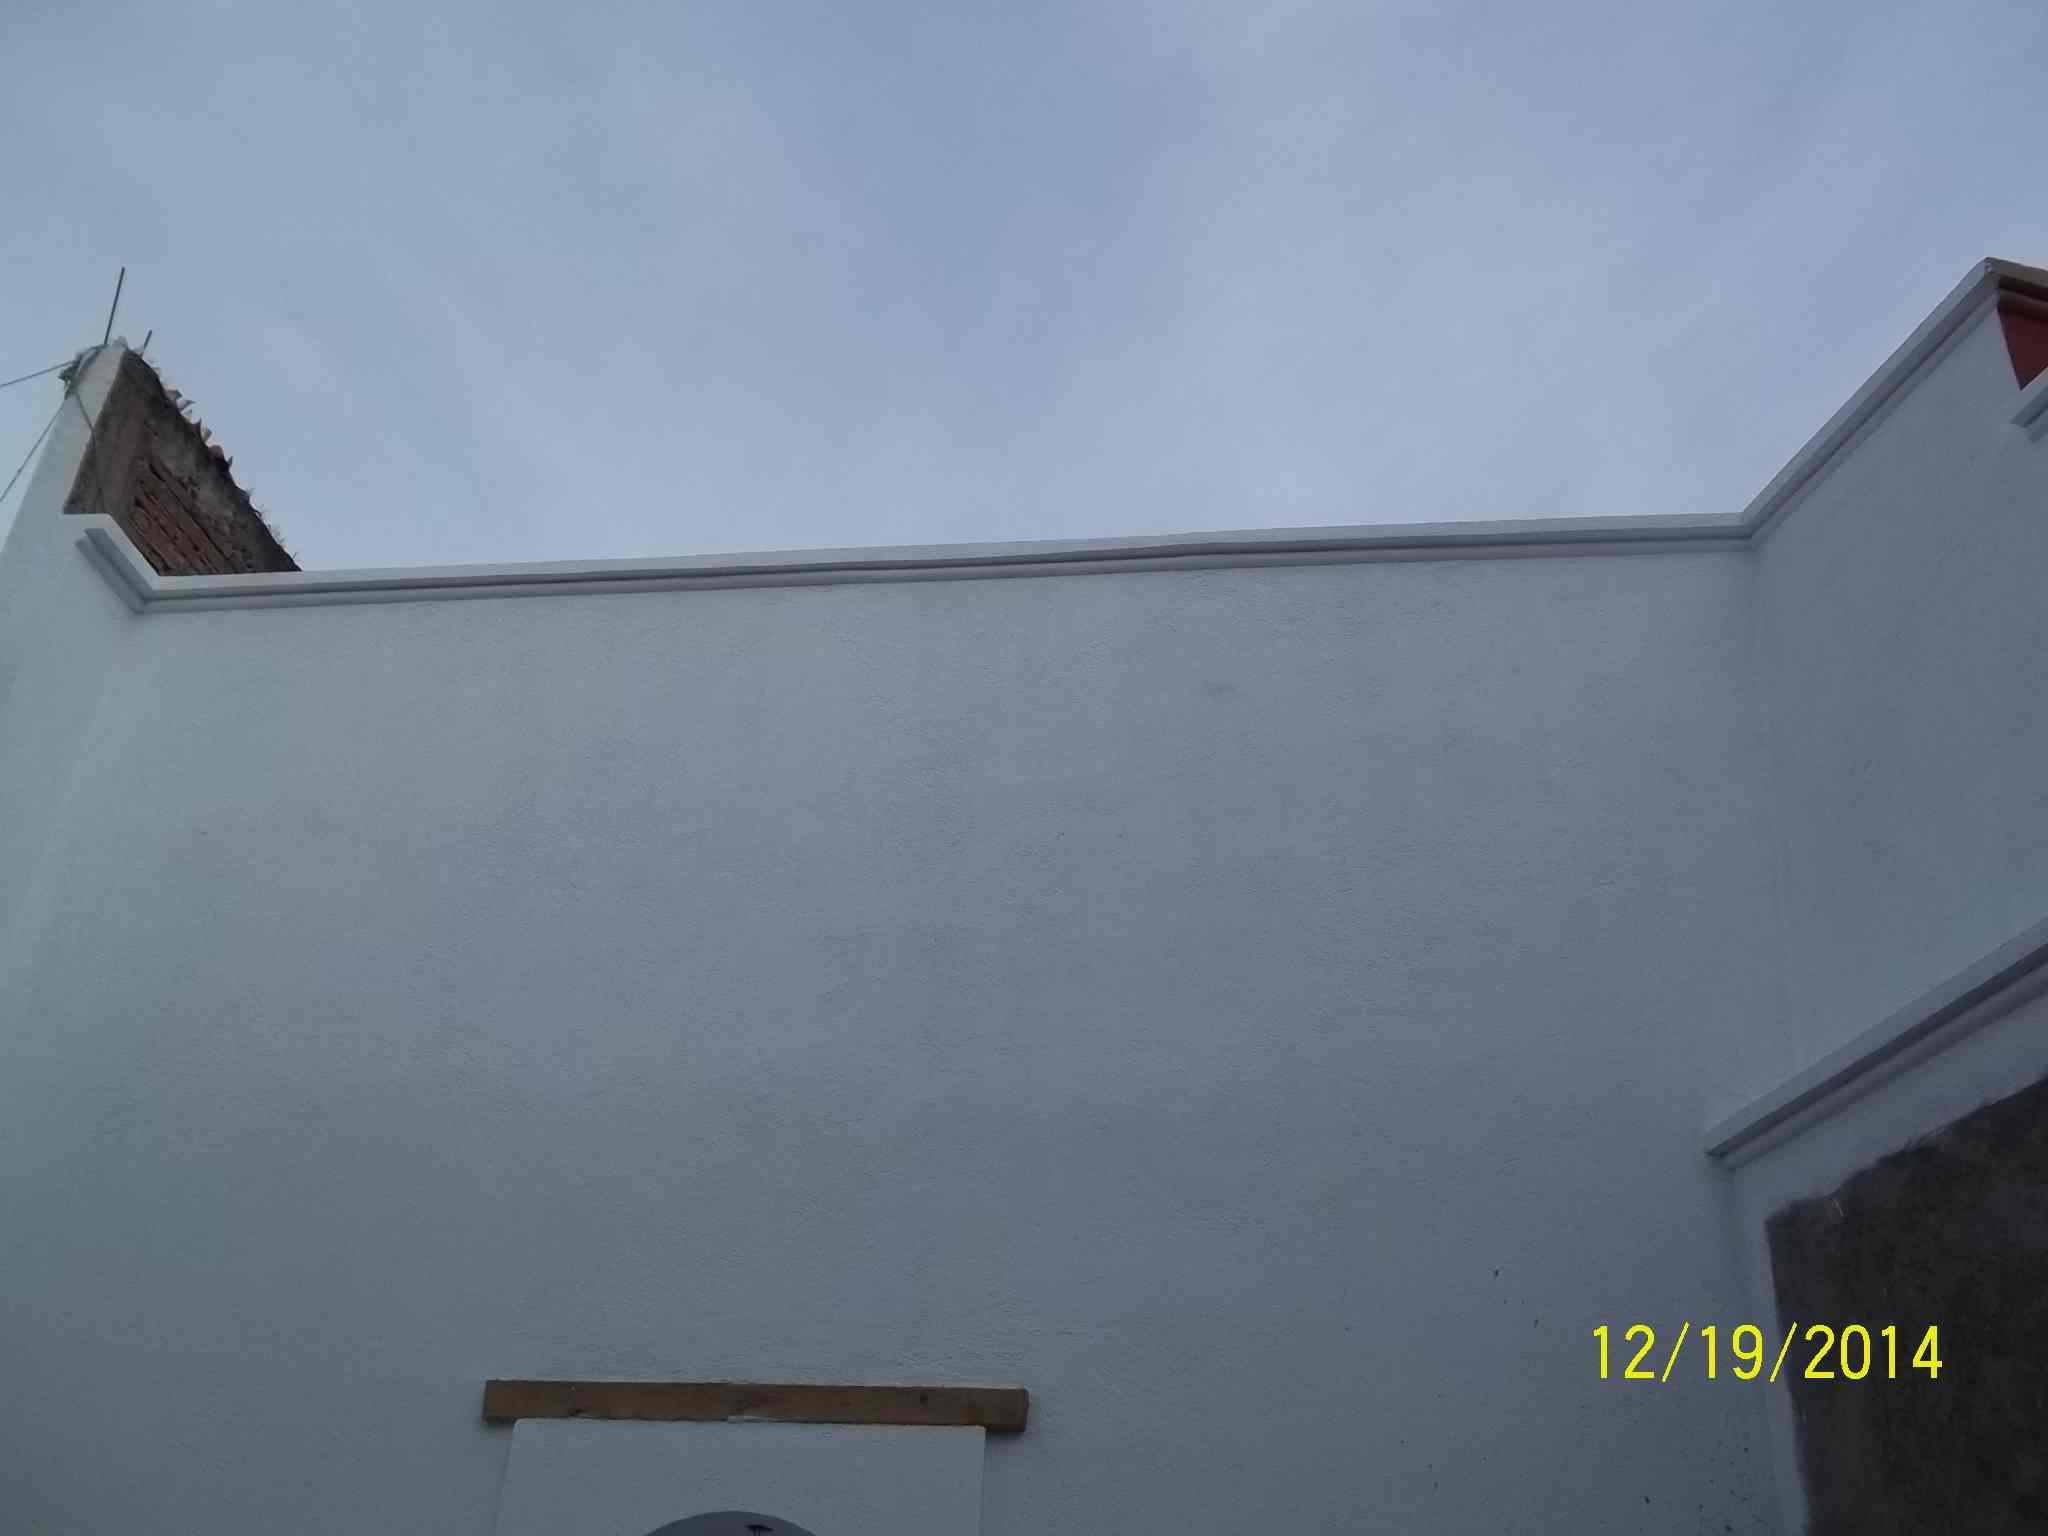 Muro lateral en el fondo del inmueble.  Observen la calidad de la restauración.